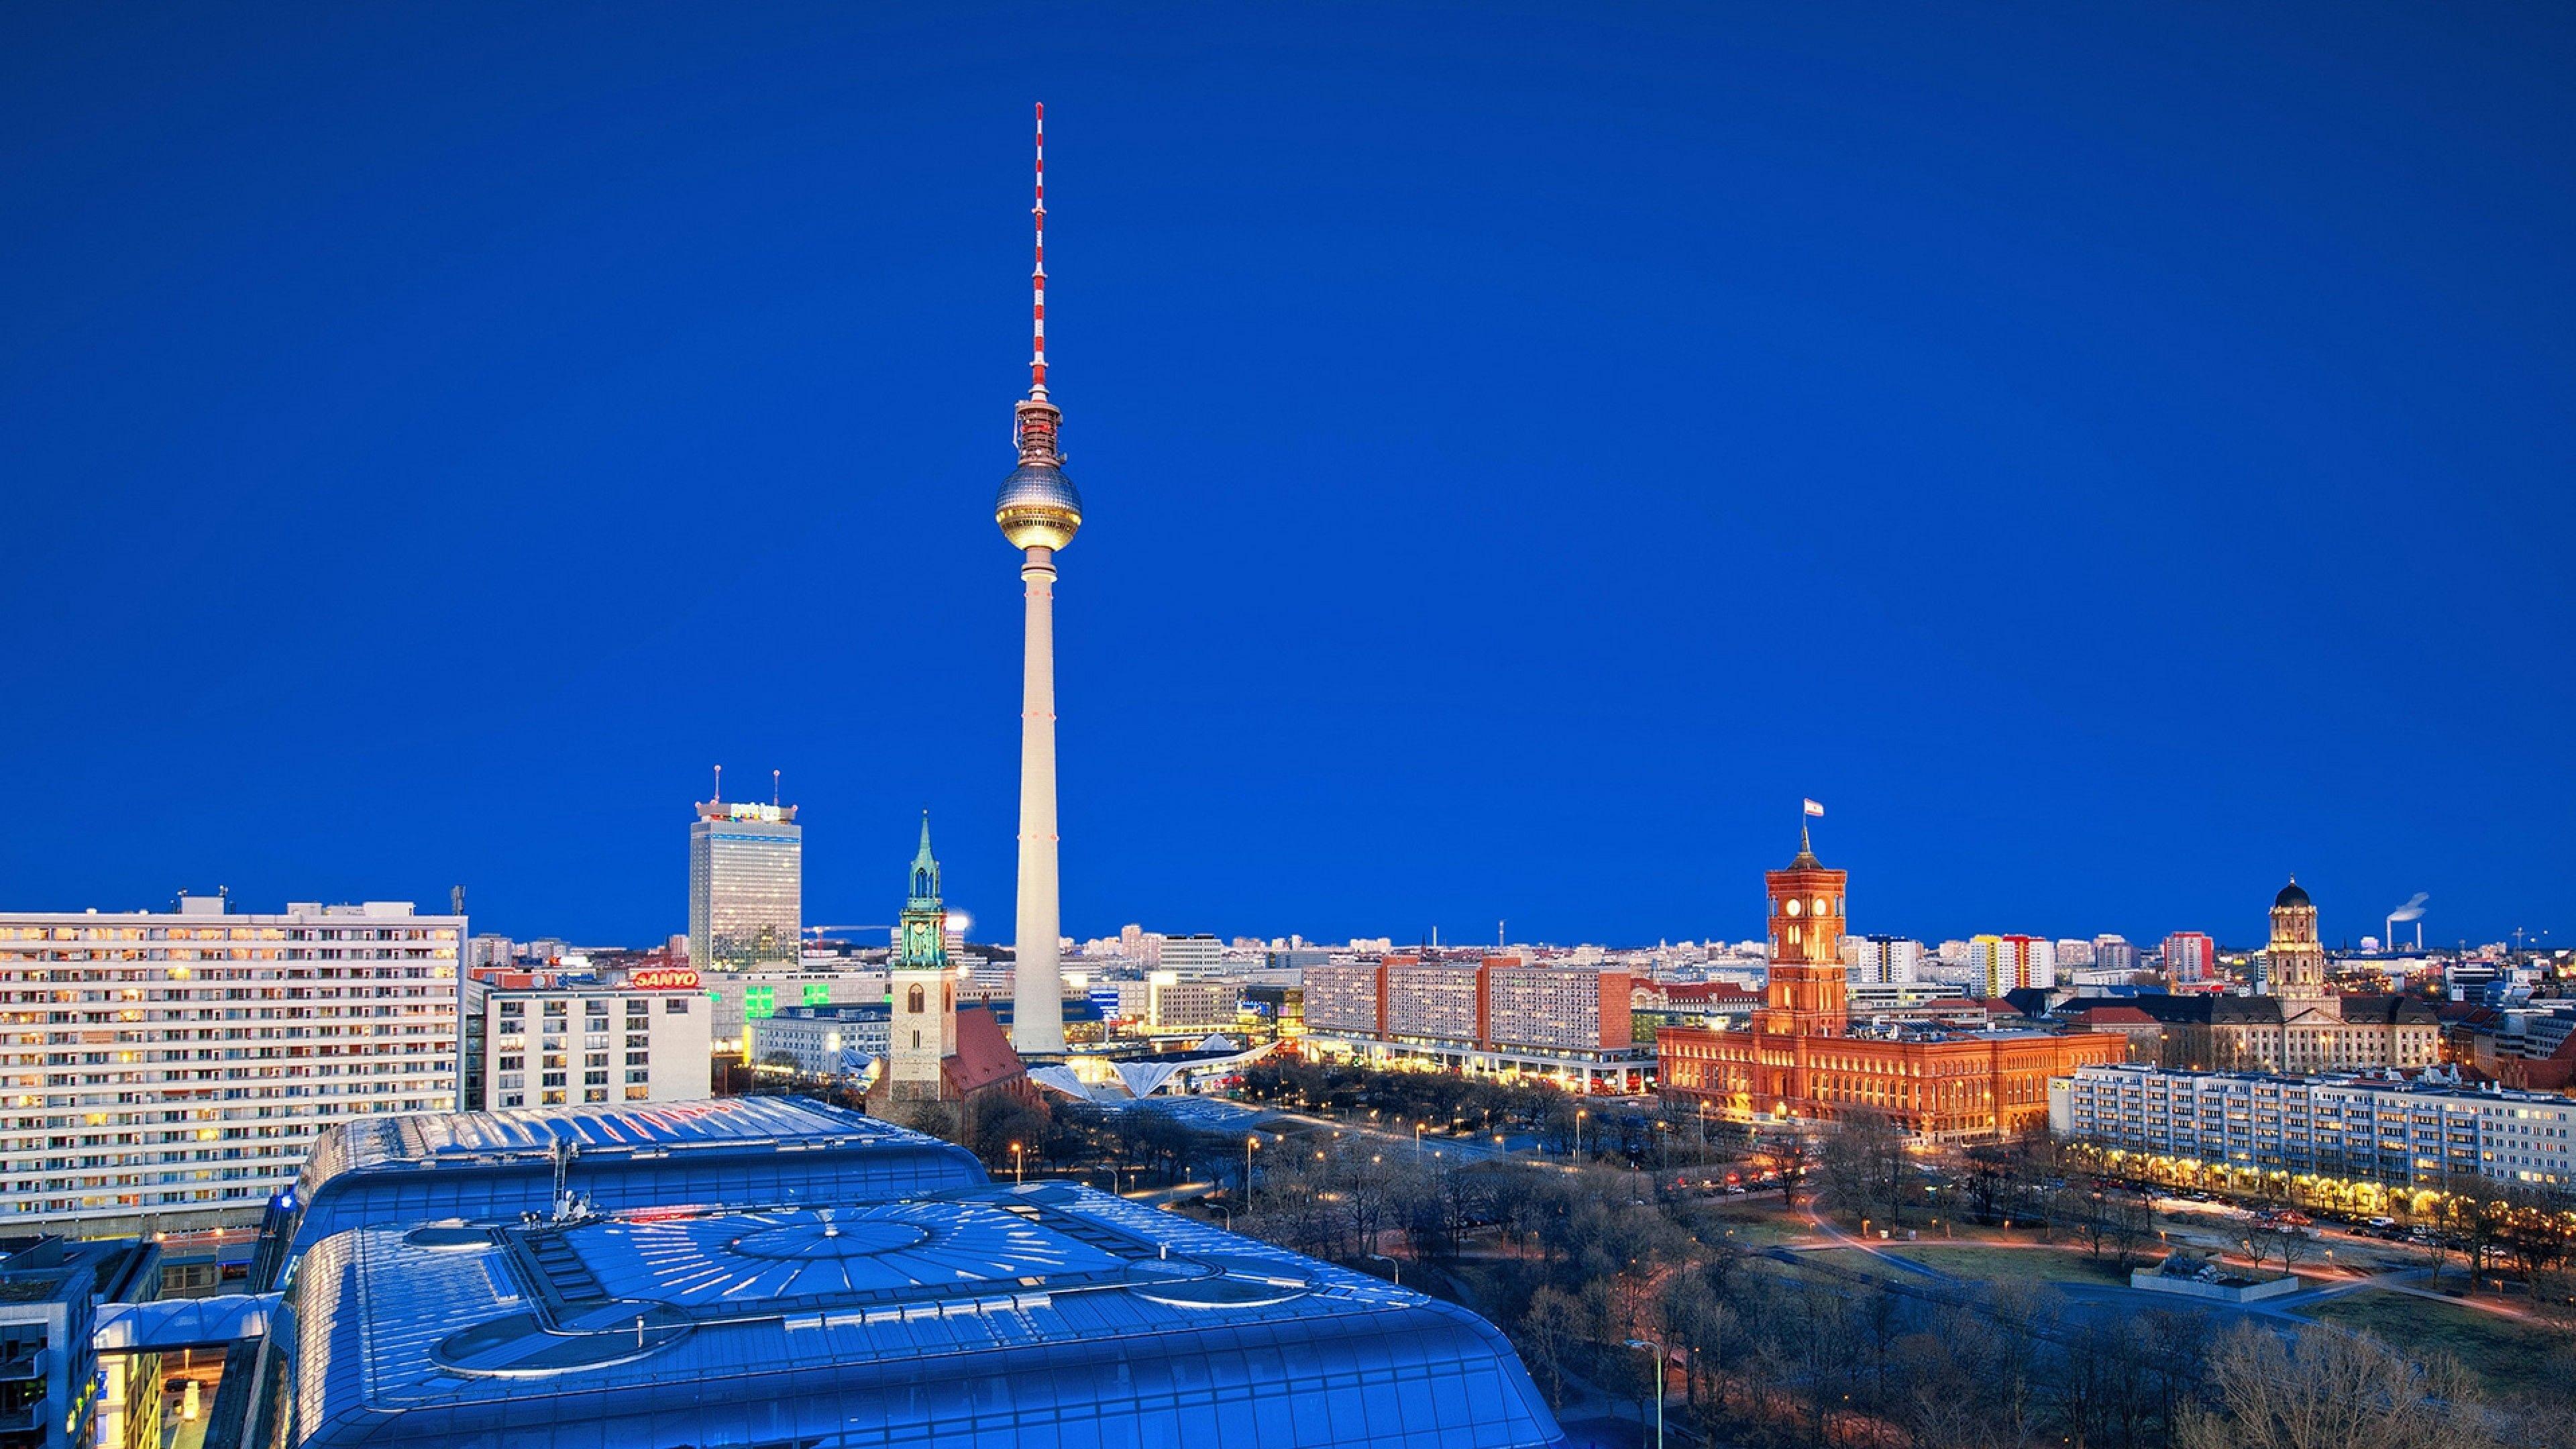 Berlin UHD Wallpapers